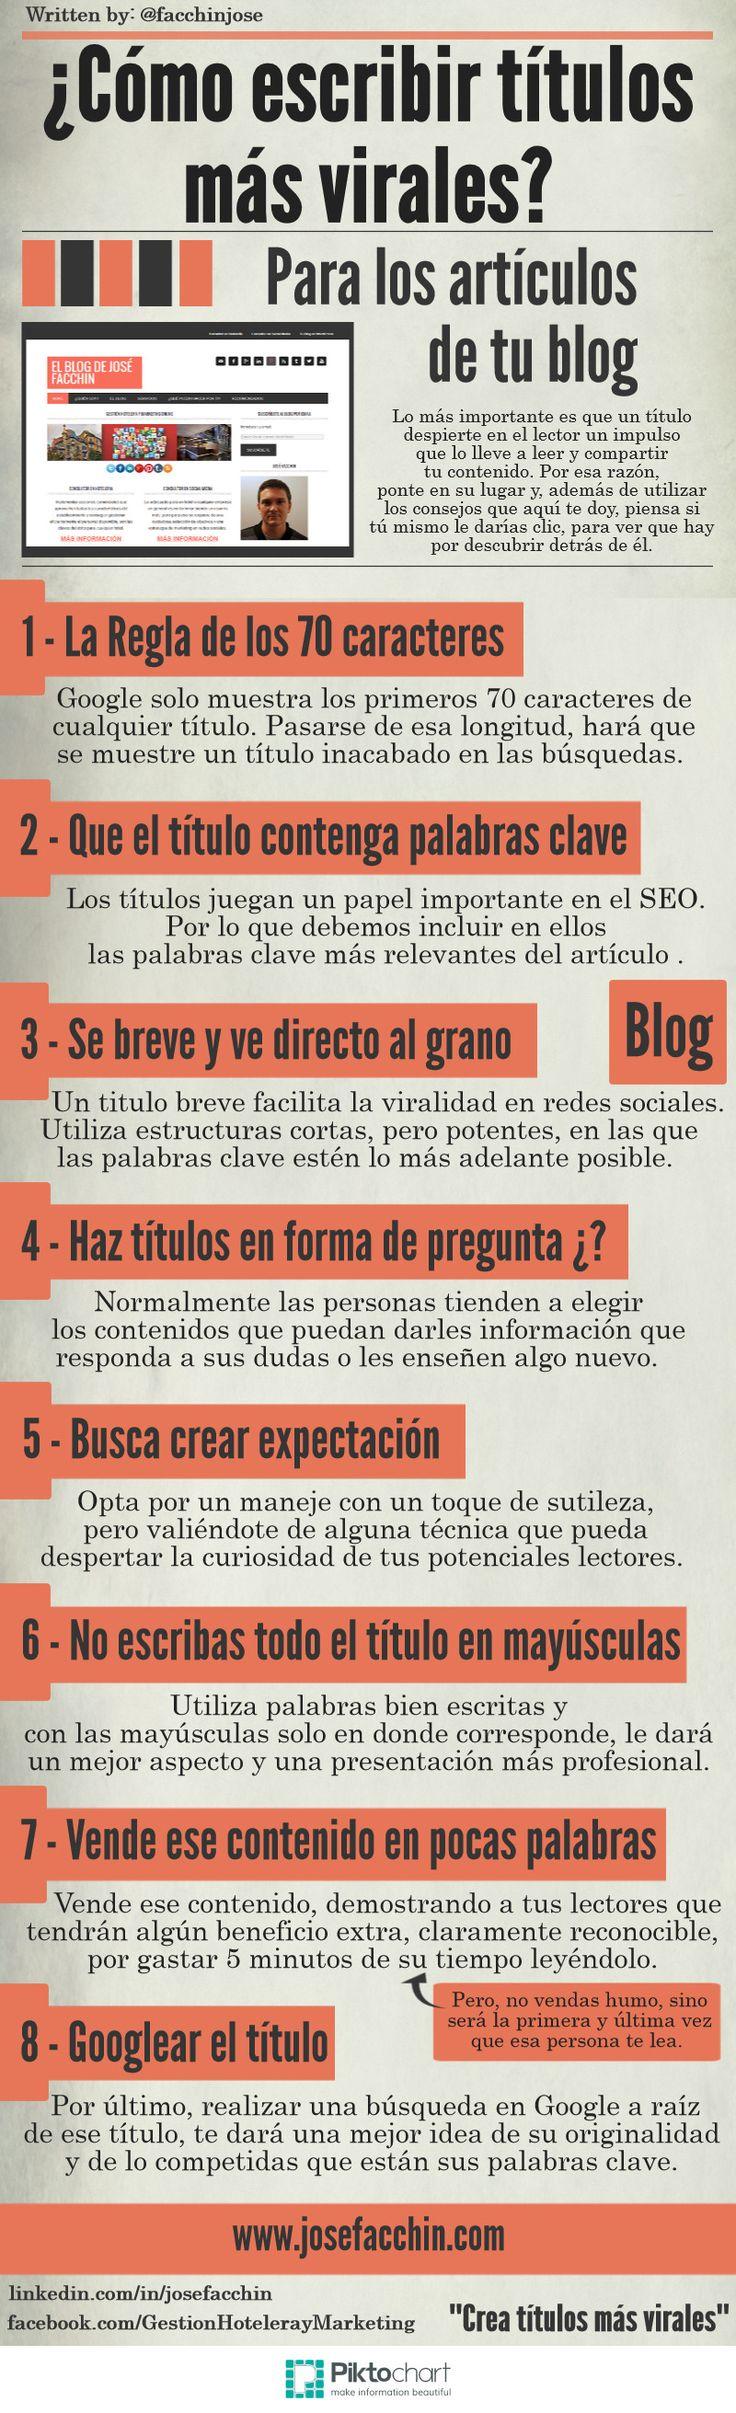 ¿Cómo escribir títulos más virales para los artículos de tu blog? #infografia #bloggers #socialmedia